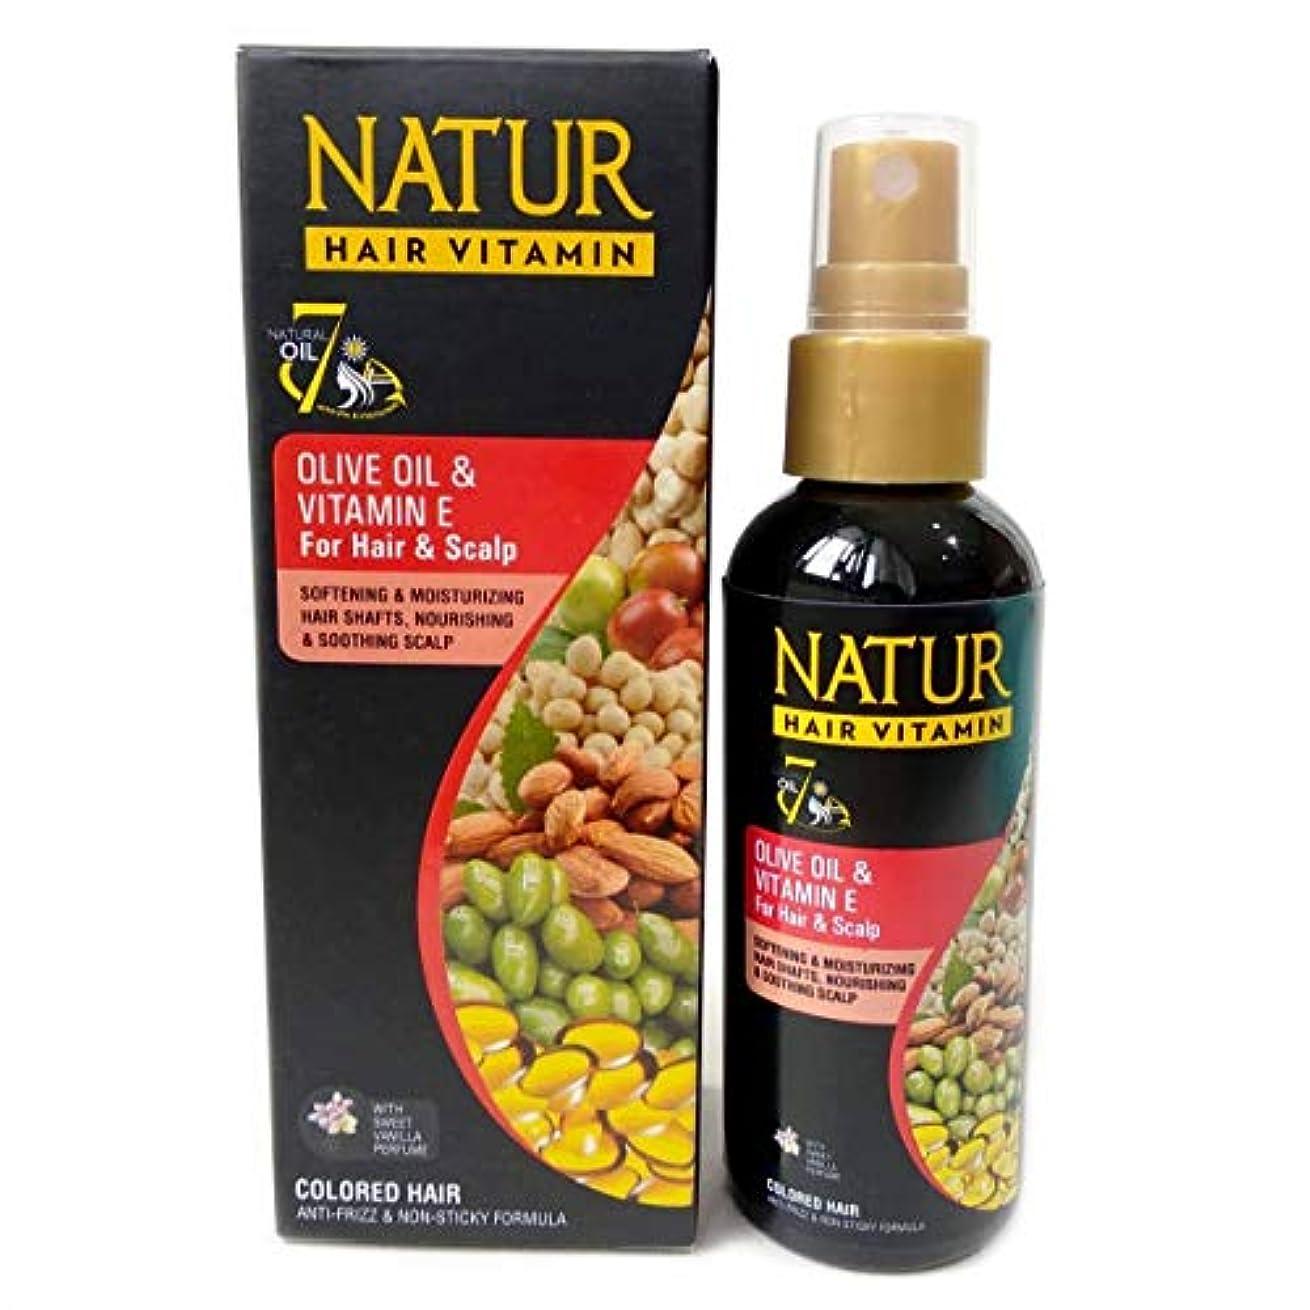 リーフレット電気的処方NATUR ナトゥール 天然植物エキス配合 Hair Vitamin ハーバルヘアビタミン 80ml Olive oil&Vitamin E オリーブオイル&ビタミンE [海外直商品]